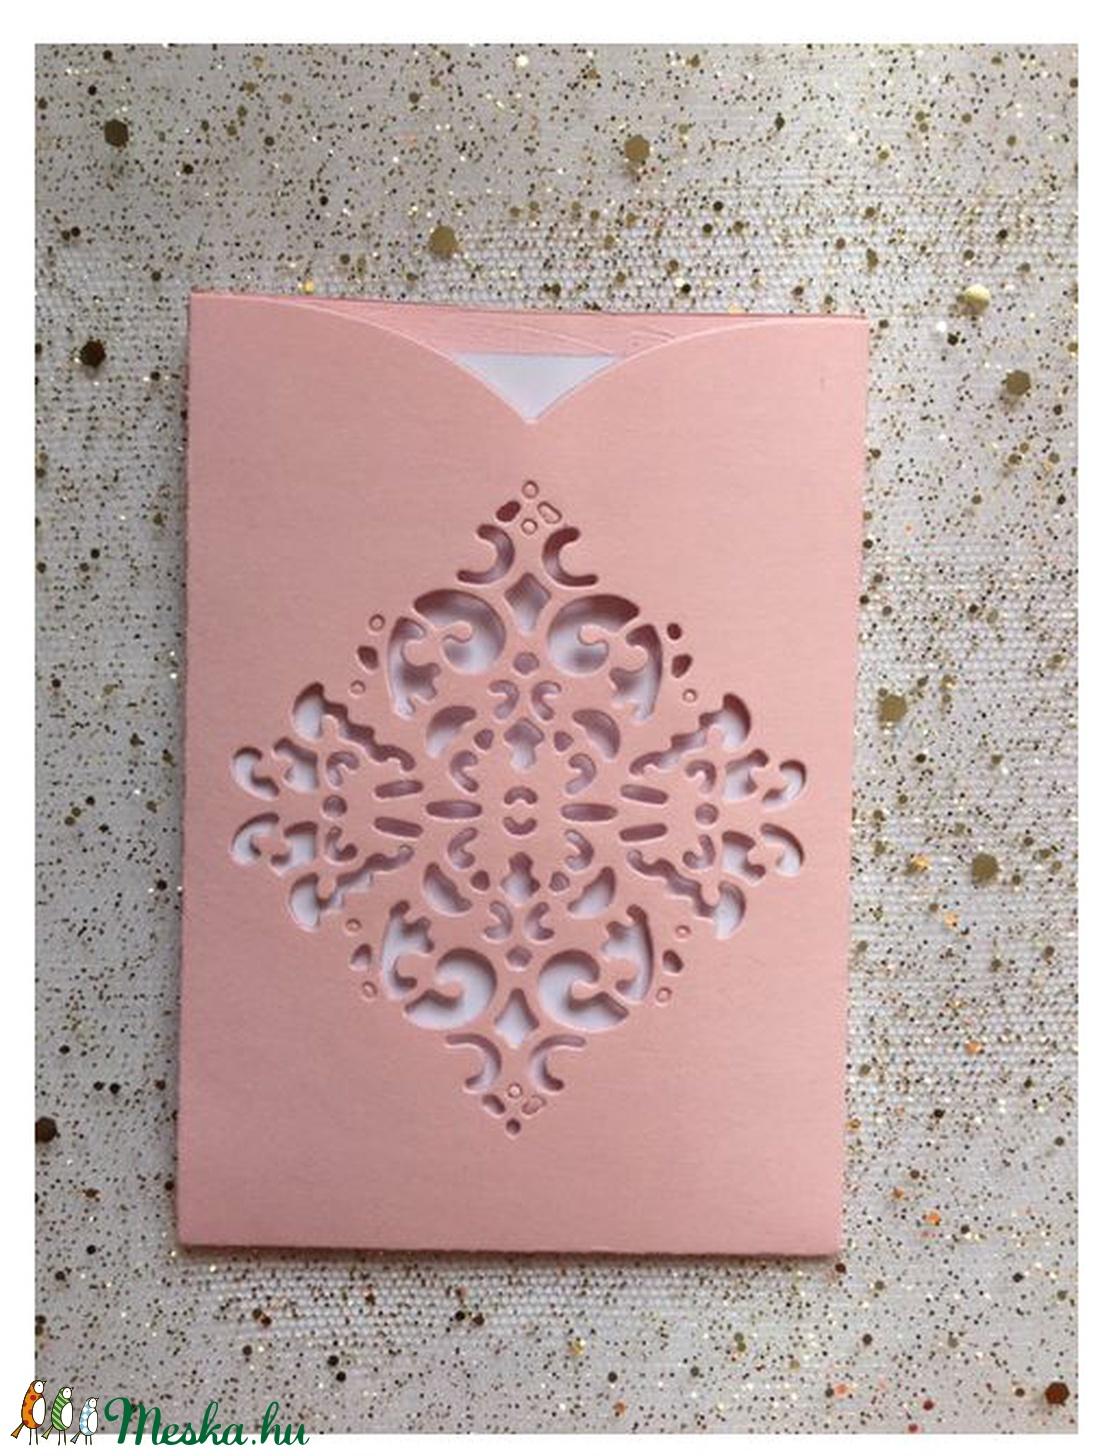 Kicsi csipkemintás, diszes  RÓZSASZIN boriték fehér üdvözlőkártyával,  PD 4 Scr 9b (OshiArt) - Meska.hu